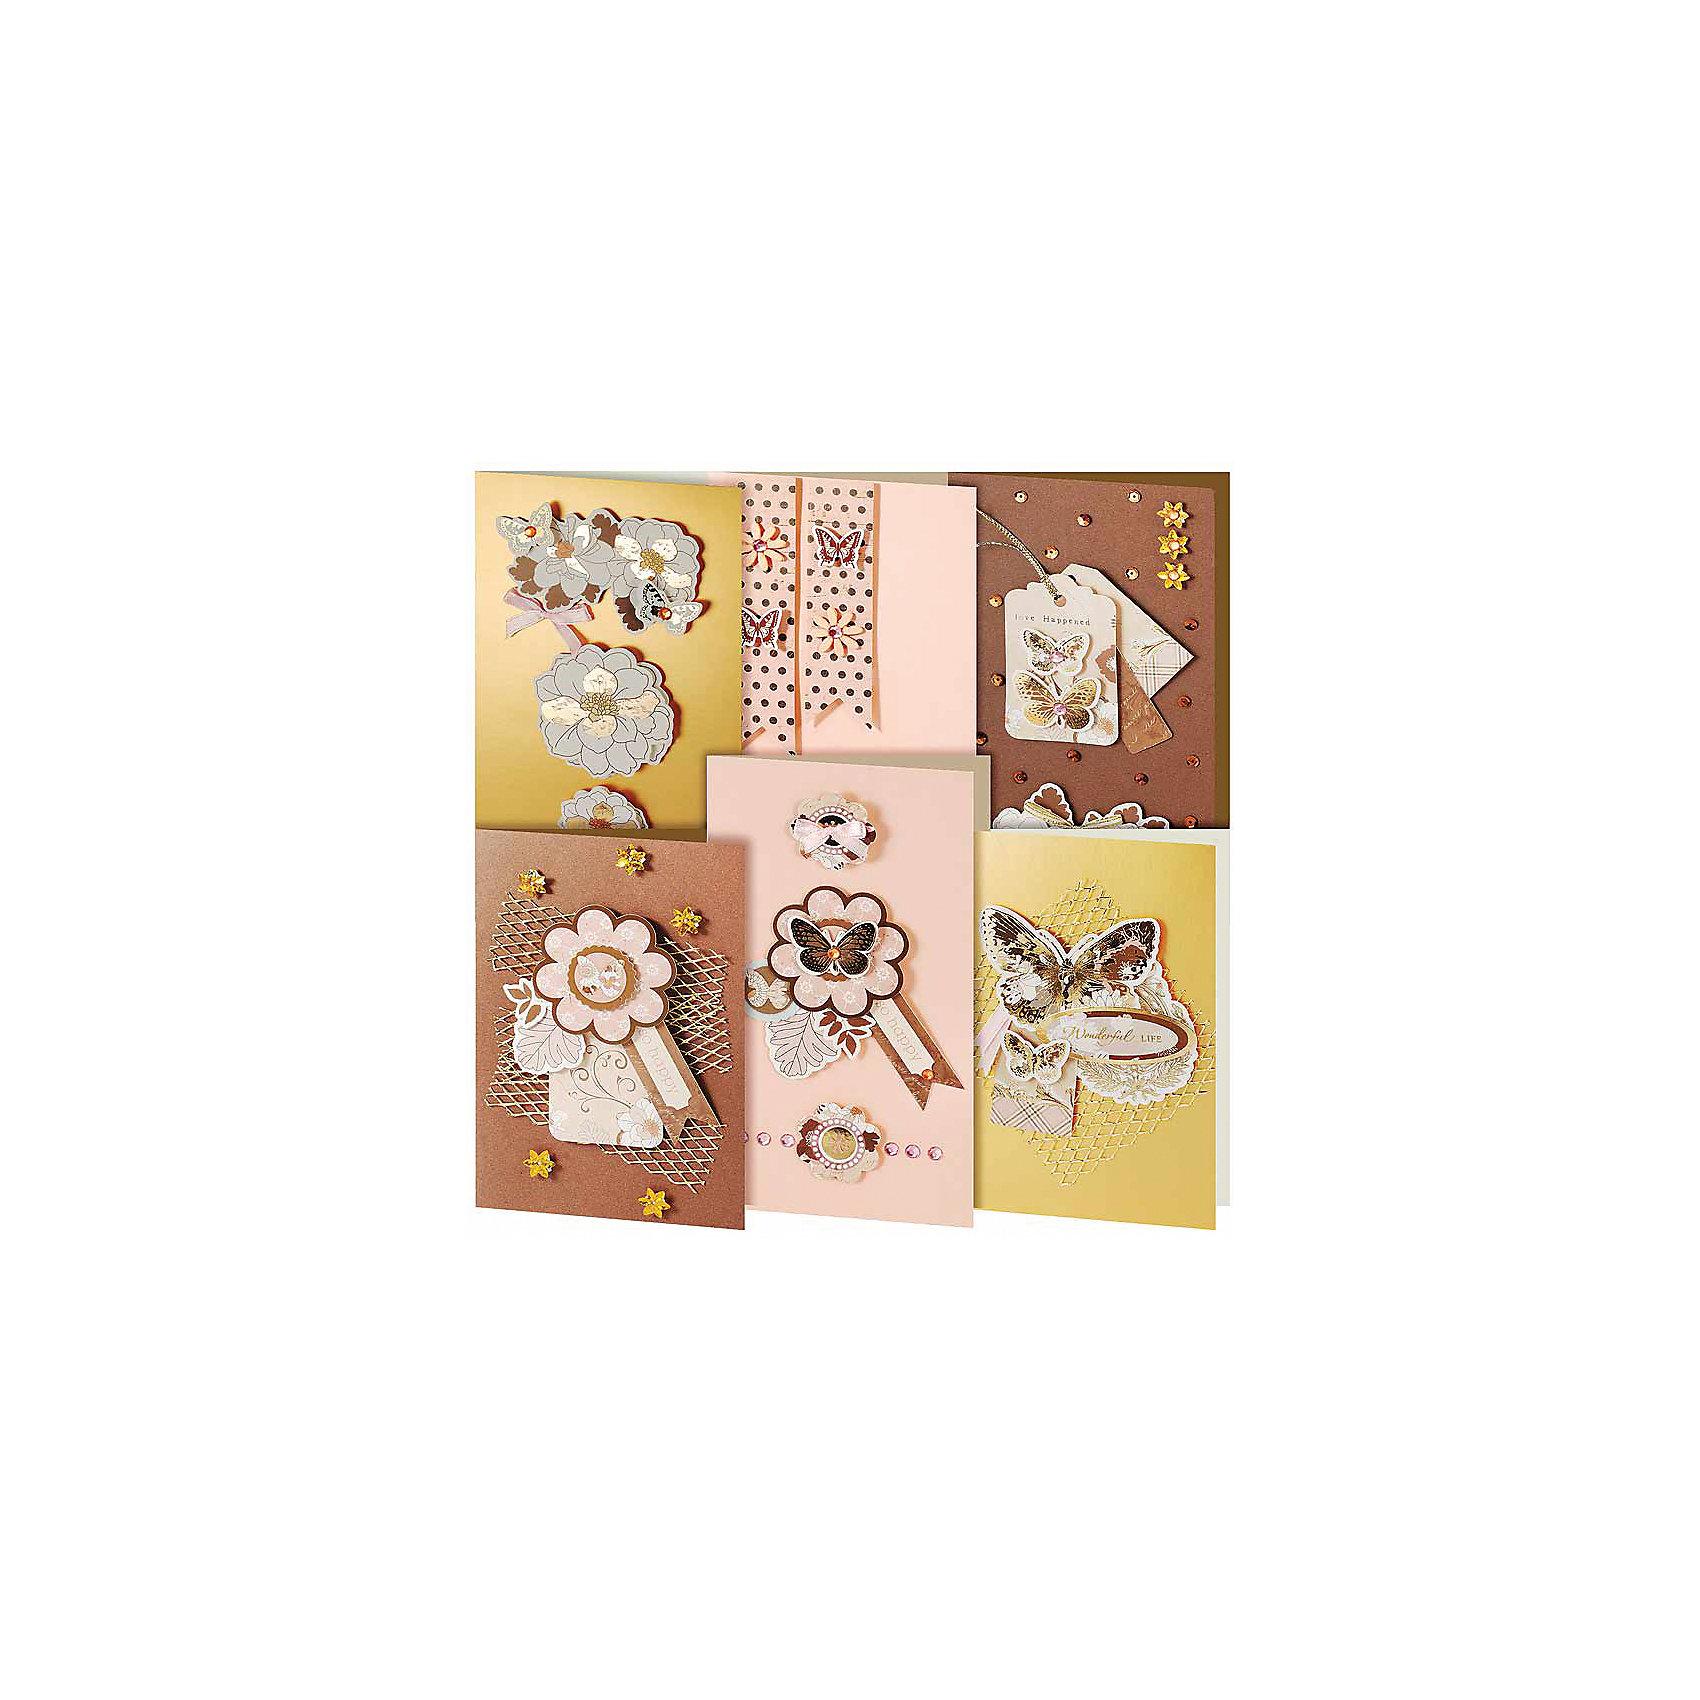 Скрапбукинг-набор для создания 6-ти открыток БабочкиРукоделие<br>Скрапбукинг-набор для создания 6-ти открыток Бабочки, Белоснежка.<br><br>Характеристики:<br><br>• содержит всё необходимое для создания открытки. <br>• в комплекте: 6 основ для открытки, 6 конвертов, картон, клеевые подушечки, ленты, вырубка из бумаги, пайетки, стразы<br>• размер: 11,5х17 см<br><br>Набор Бабочки отлично подойдет любителям скрапбукинга. С его помощью вы сможете создать 6 различных открыток, декорированных объемными элементами. Для вашего удобства в набор включена пошаговая инструкция, которая поможет вам разобраться со всеми тонкостями скрапбукинга. В наборе Вы найдете всё необходимое для творчества.<br><br>Скрапбукинг-набор для создания 6-ти открыток Бабочки можно купить в нашем интернет-магазине.<br><br>Ширина мм: 270<br>Глубина мм: 150<br>Высота мм: 60<br>Вес г: 280<br>Возраст от месяцев: 72<br>Возраст до месяцев: 144<br>Пол: Женский<br>Возраст: Детский<br>SKU: 5089622